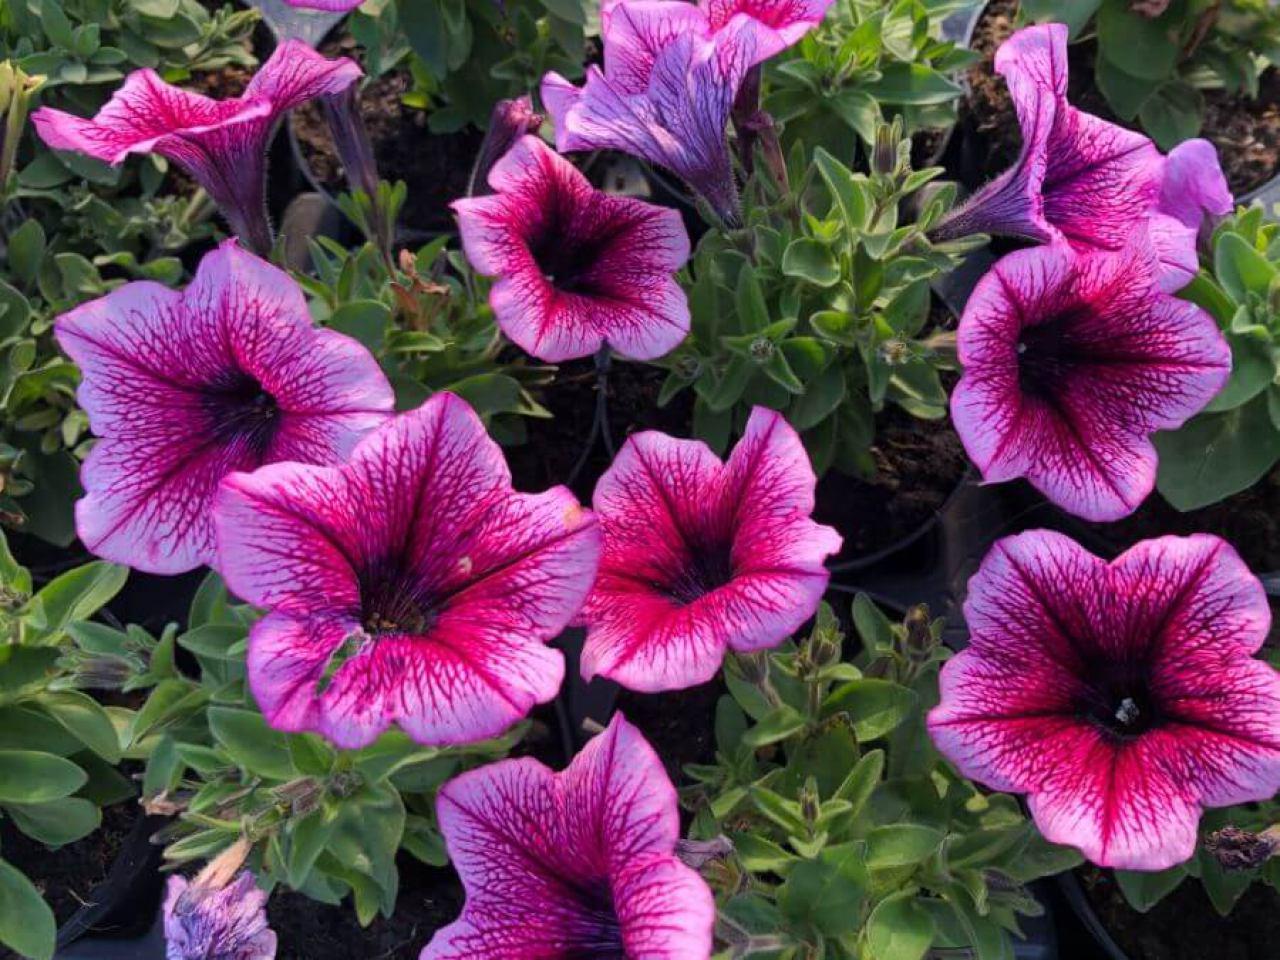 flora-commerce-4667397413.jpg